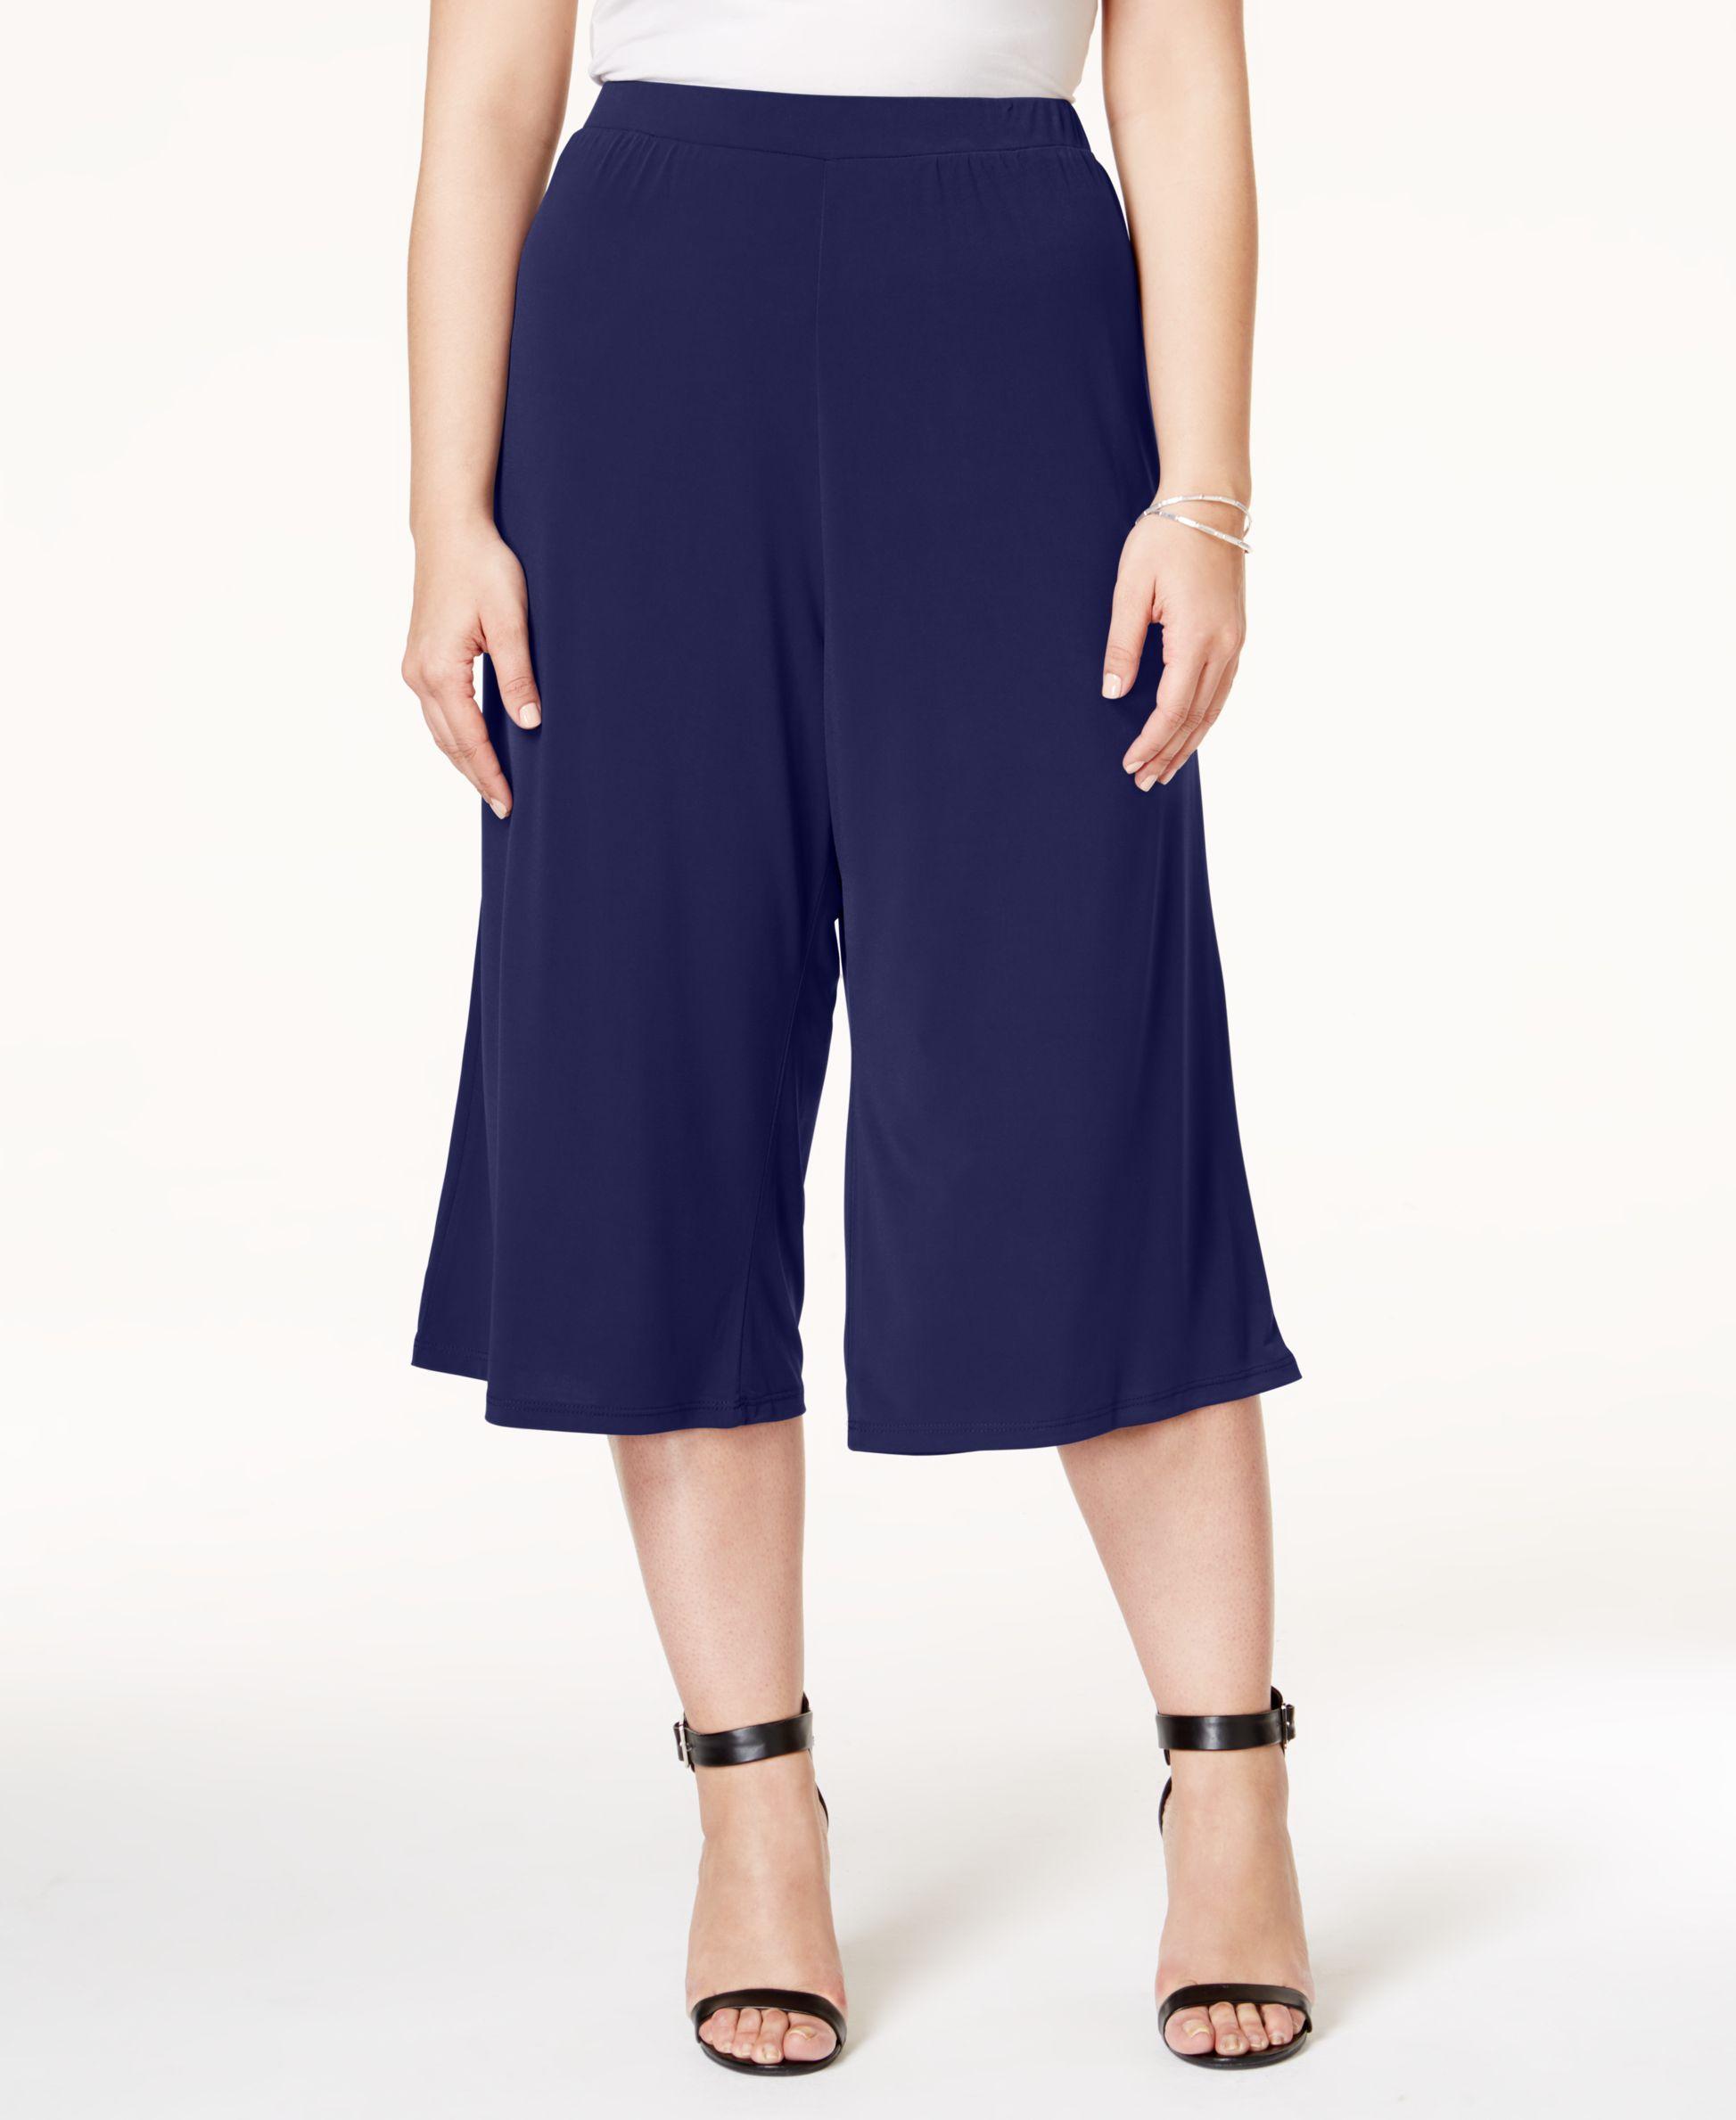 a6010077b639b Ing Plus Size Gaucho Pants